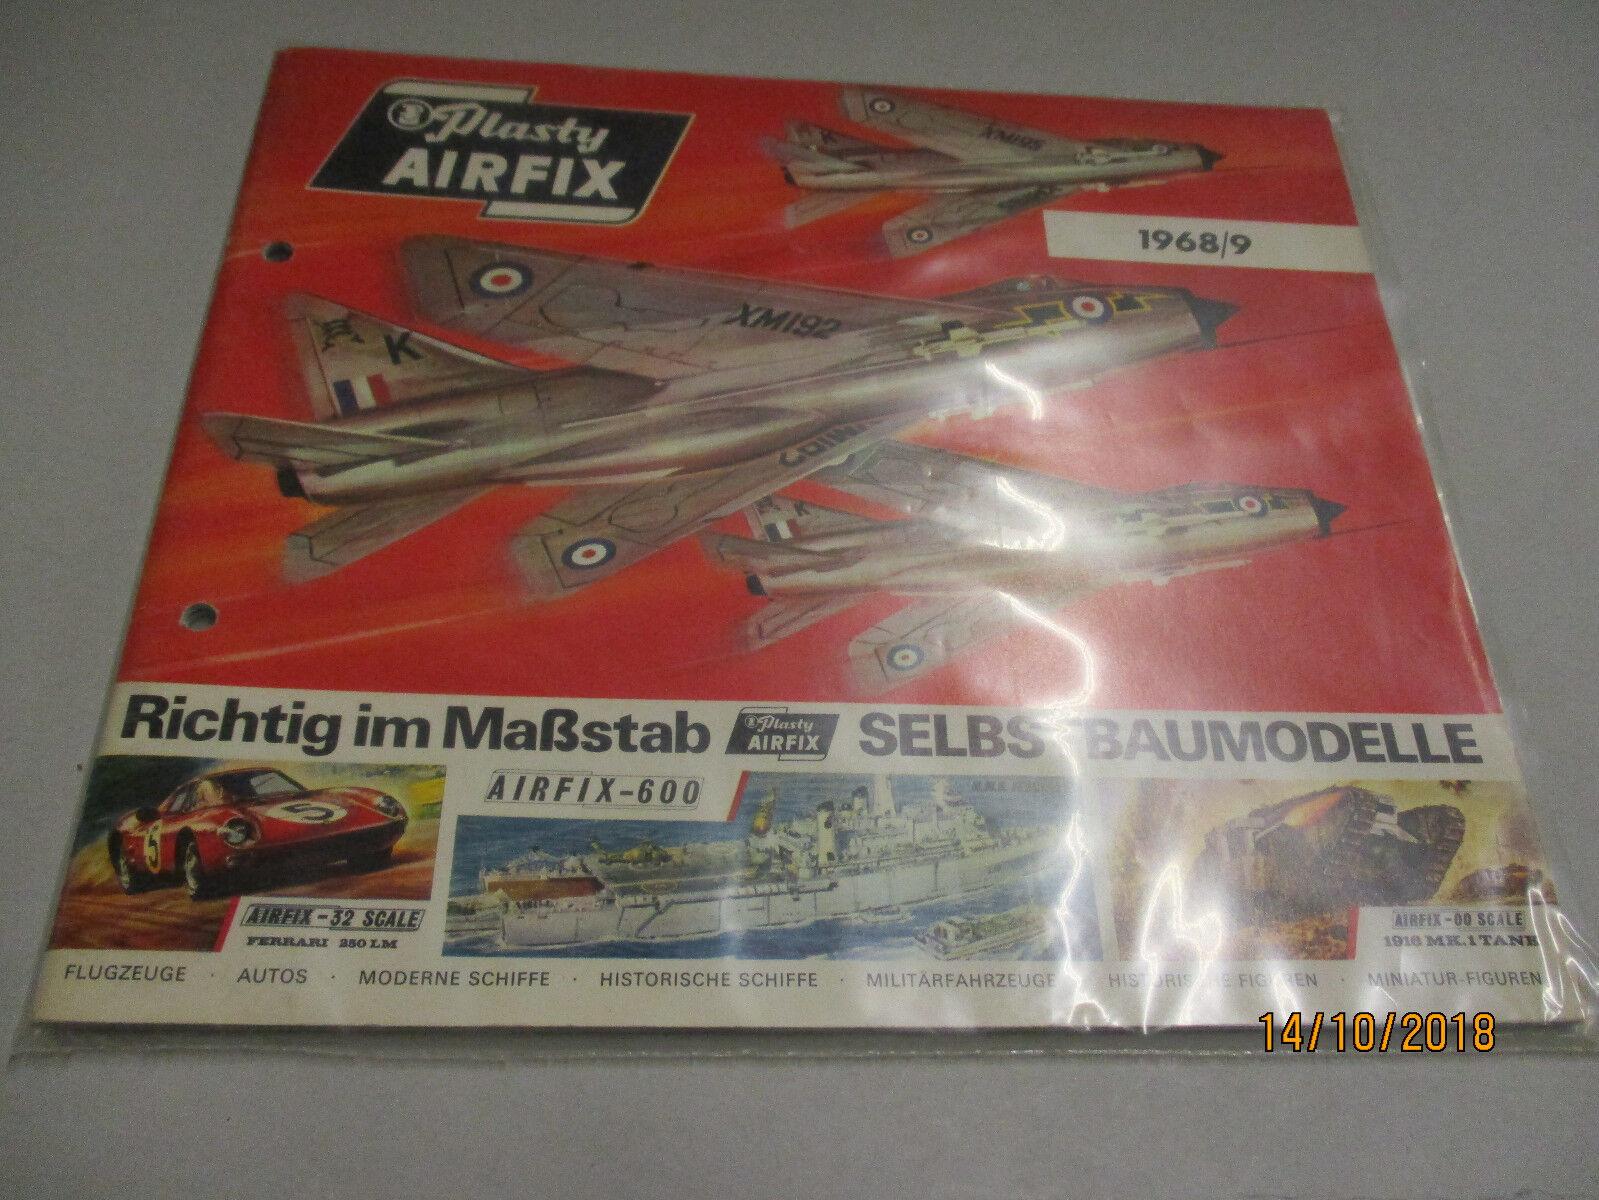 Airfix Modell Bausätze Katalog 1968 69  | Neuer Stil